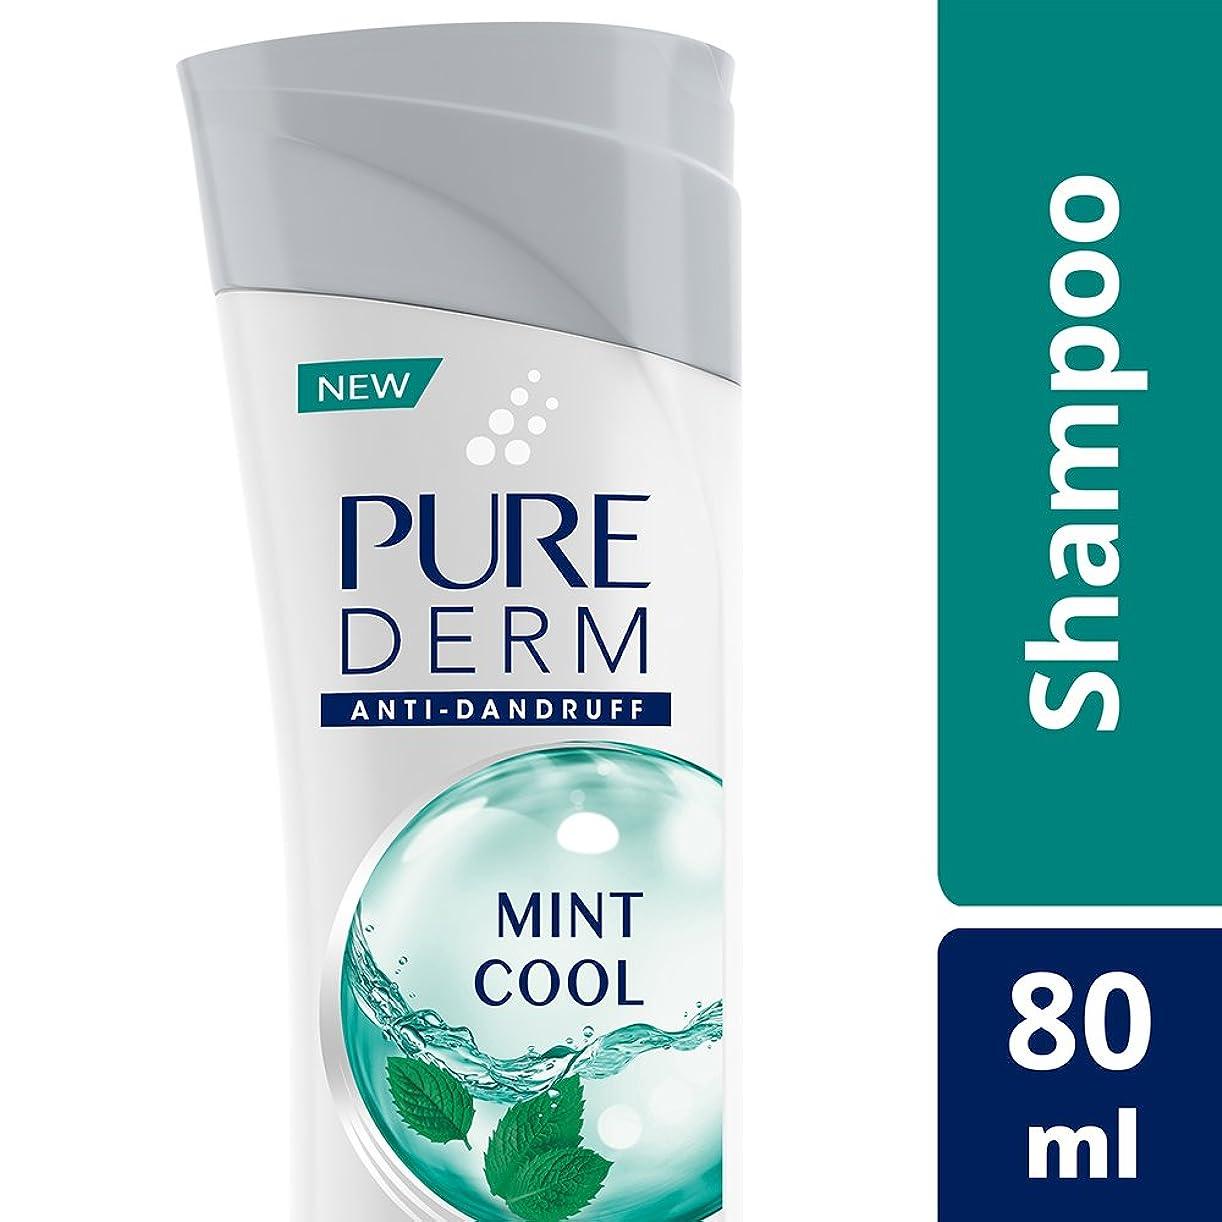 平和不信ジェットPure Derm Mint Cool Anti-Dandruff Shampoo 80 ml - 2.7 oz Infused with the goodness of mint and Oxy-fused Micro Bubble Technology - 並行輸入品 - ピュアダームミントクールアンチフケシャンプー80 ml - 2.7 ozミントとOxy-fusedマイクロバブルテクノロジーの良さを兼ね備えています